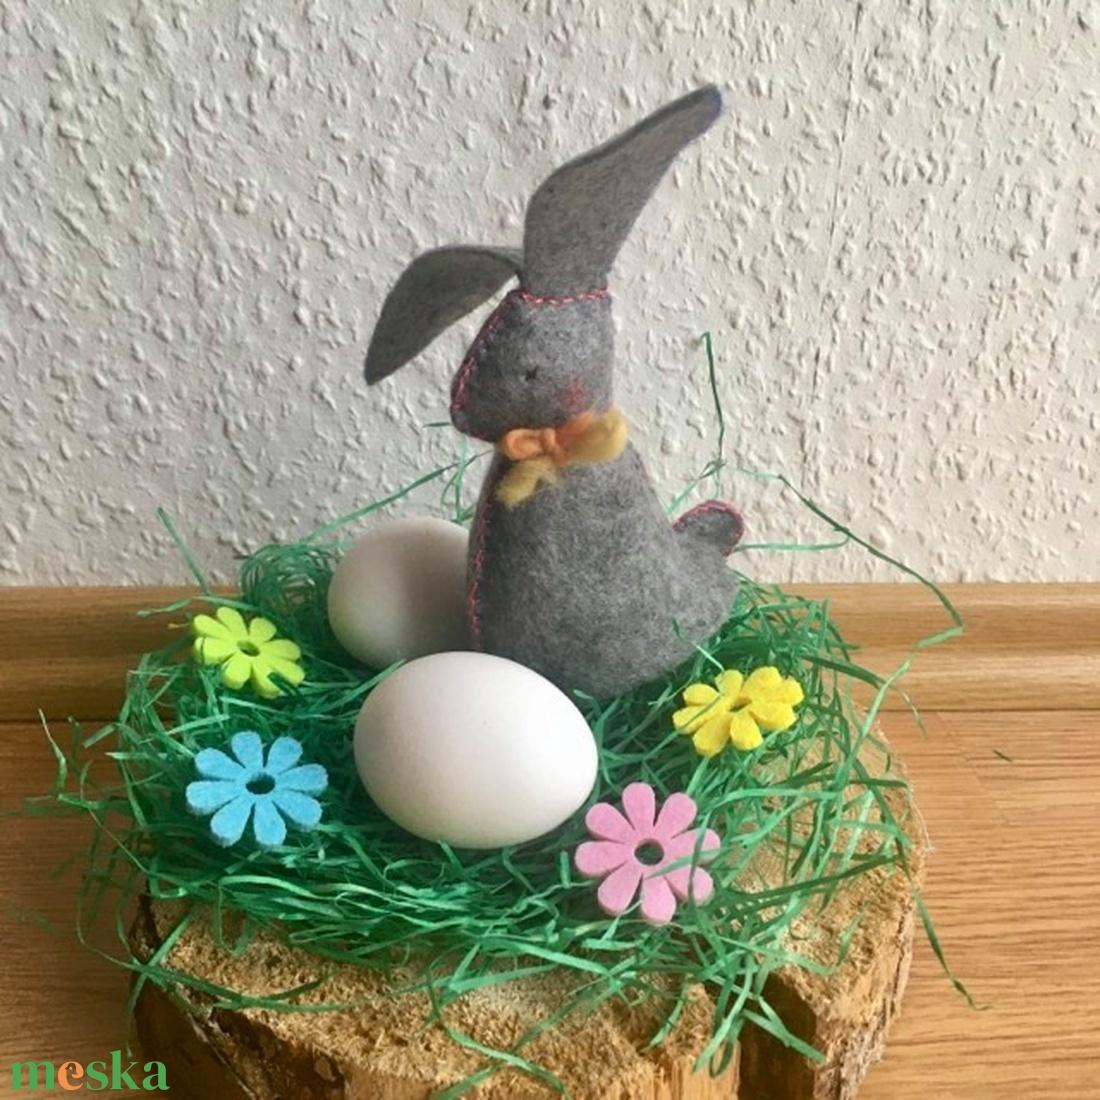 Húsvéti nyuszi filcből 3 színben- fehér-szürke-barna - játék & gyerek - plüssállat & játékfigura - nyuszi - Meska.hu